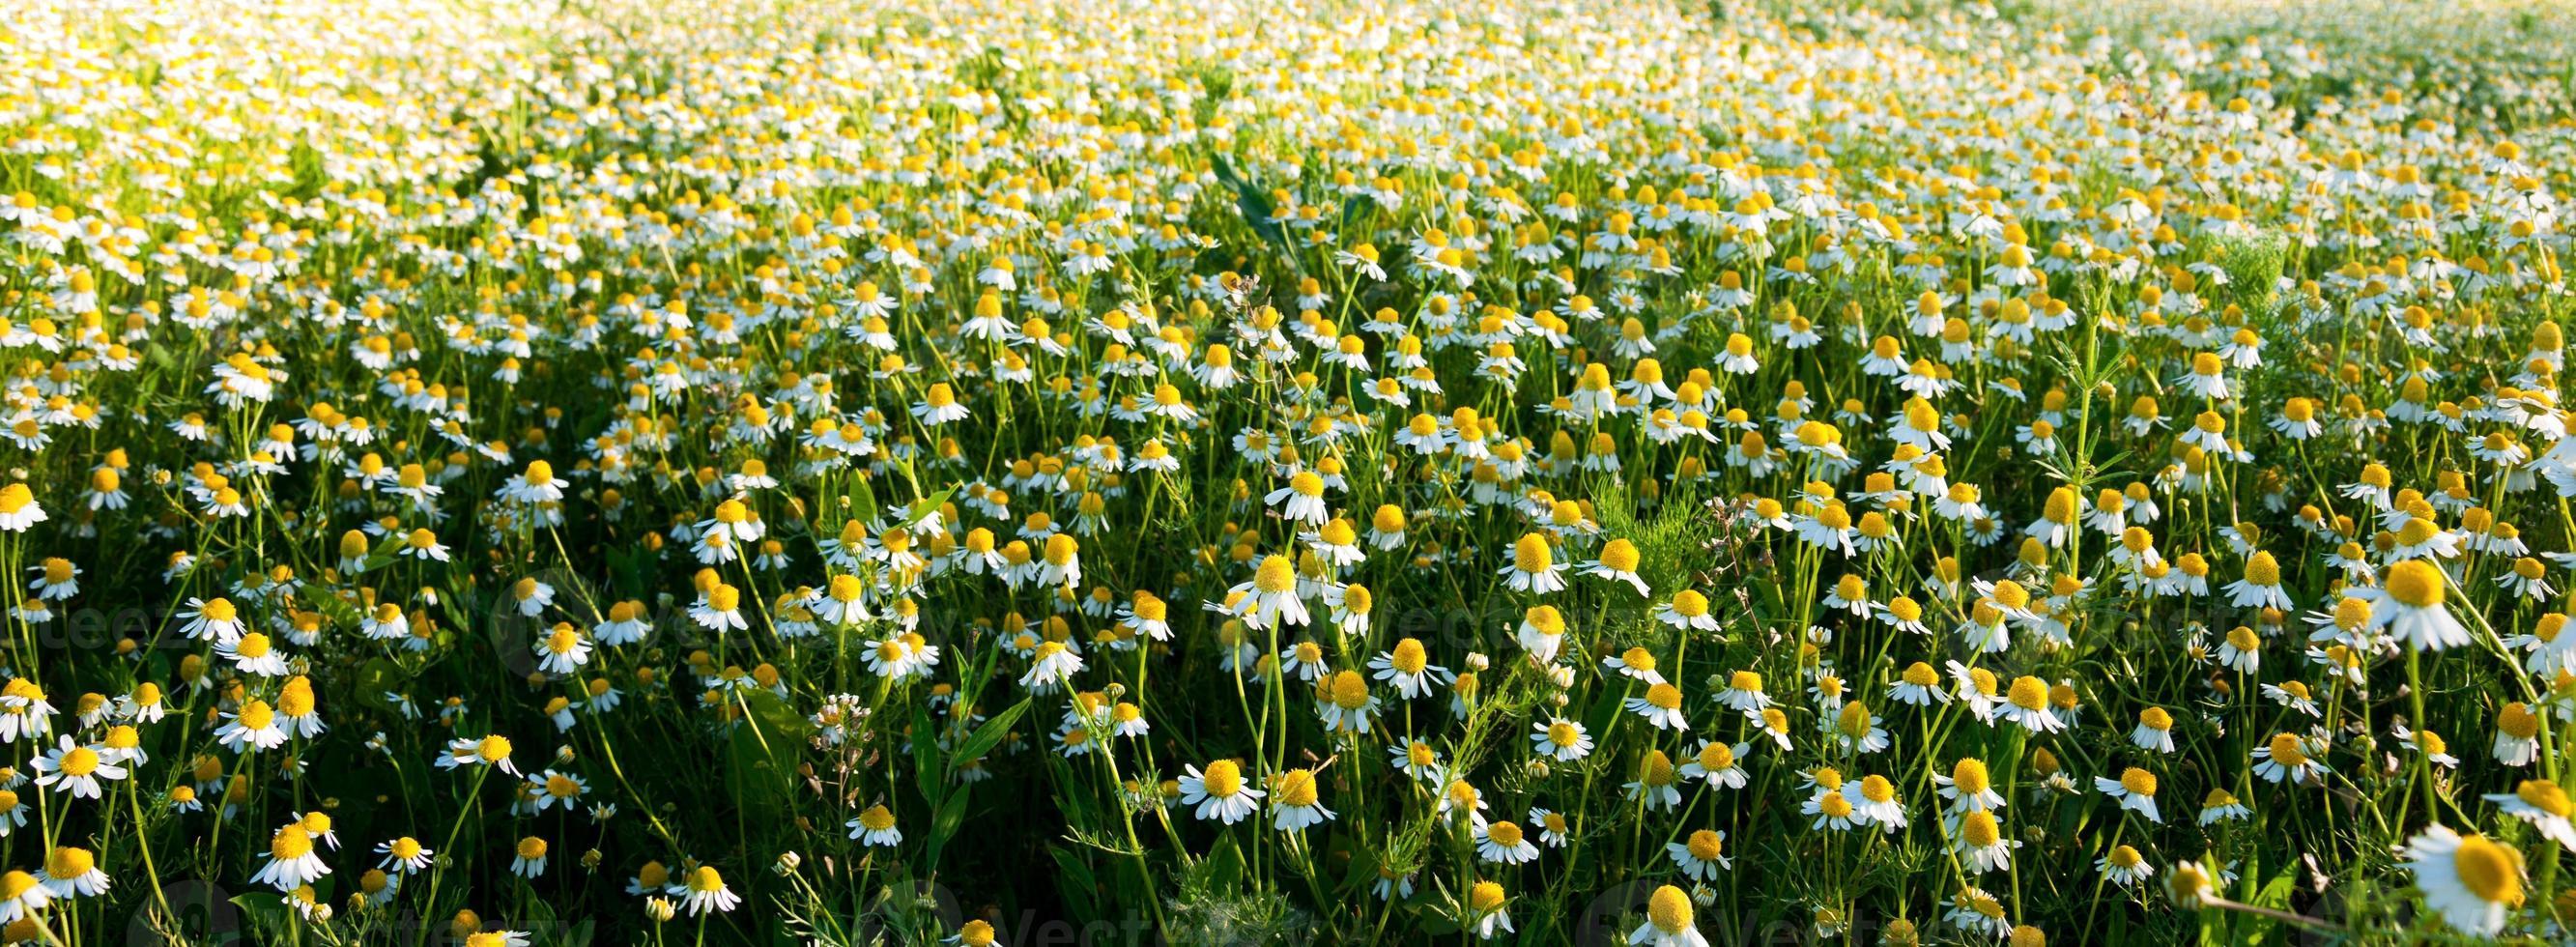 Feld der Kamillenblüten. Blumentextur foto